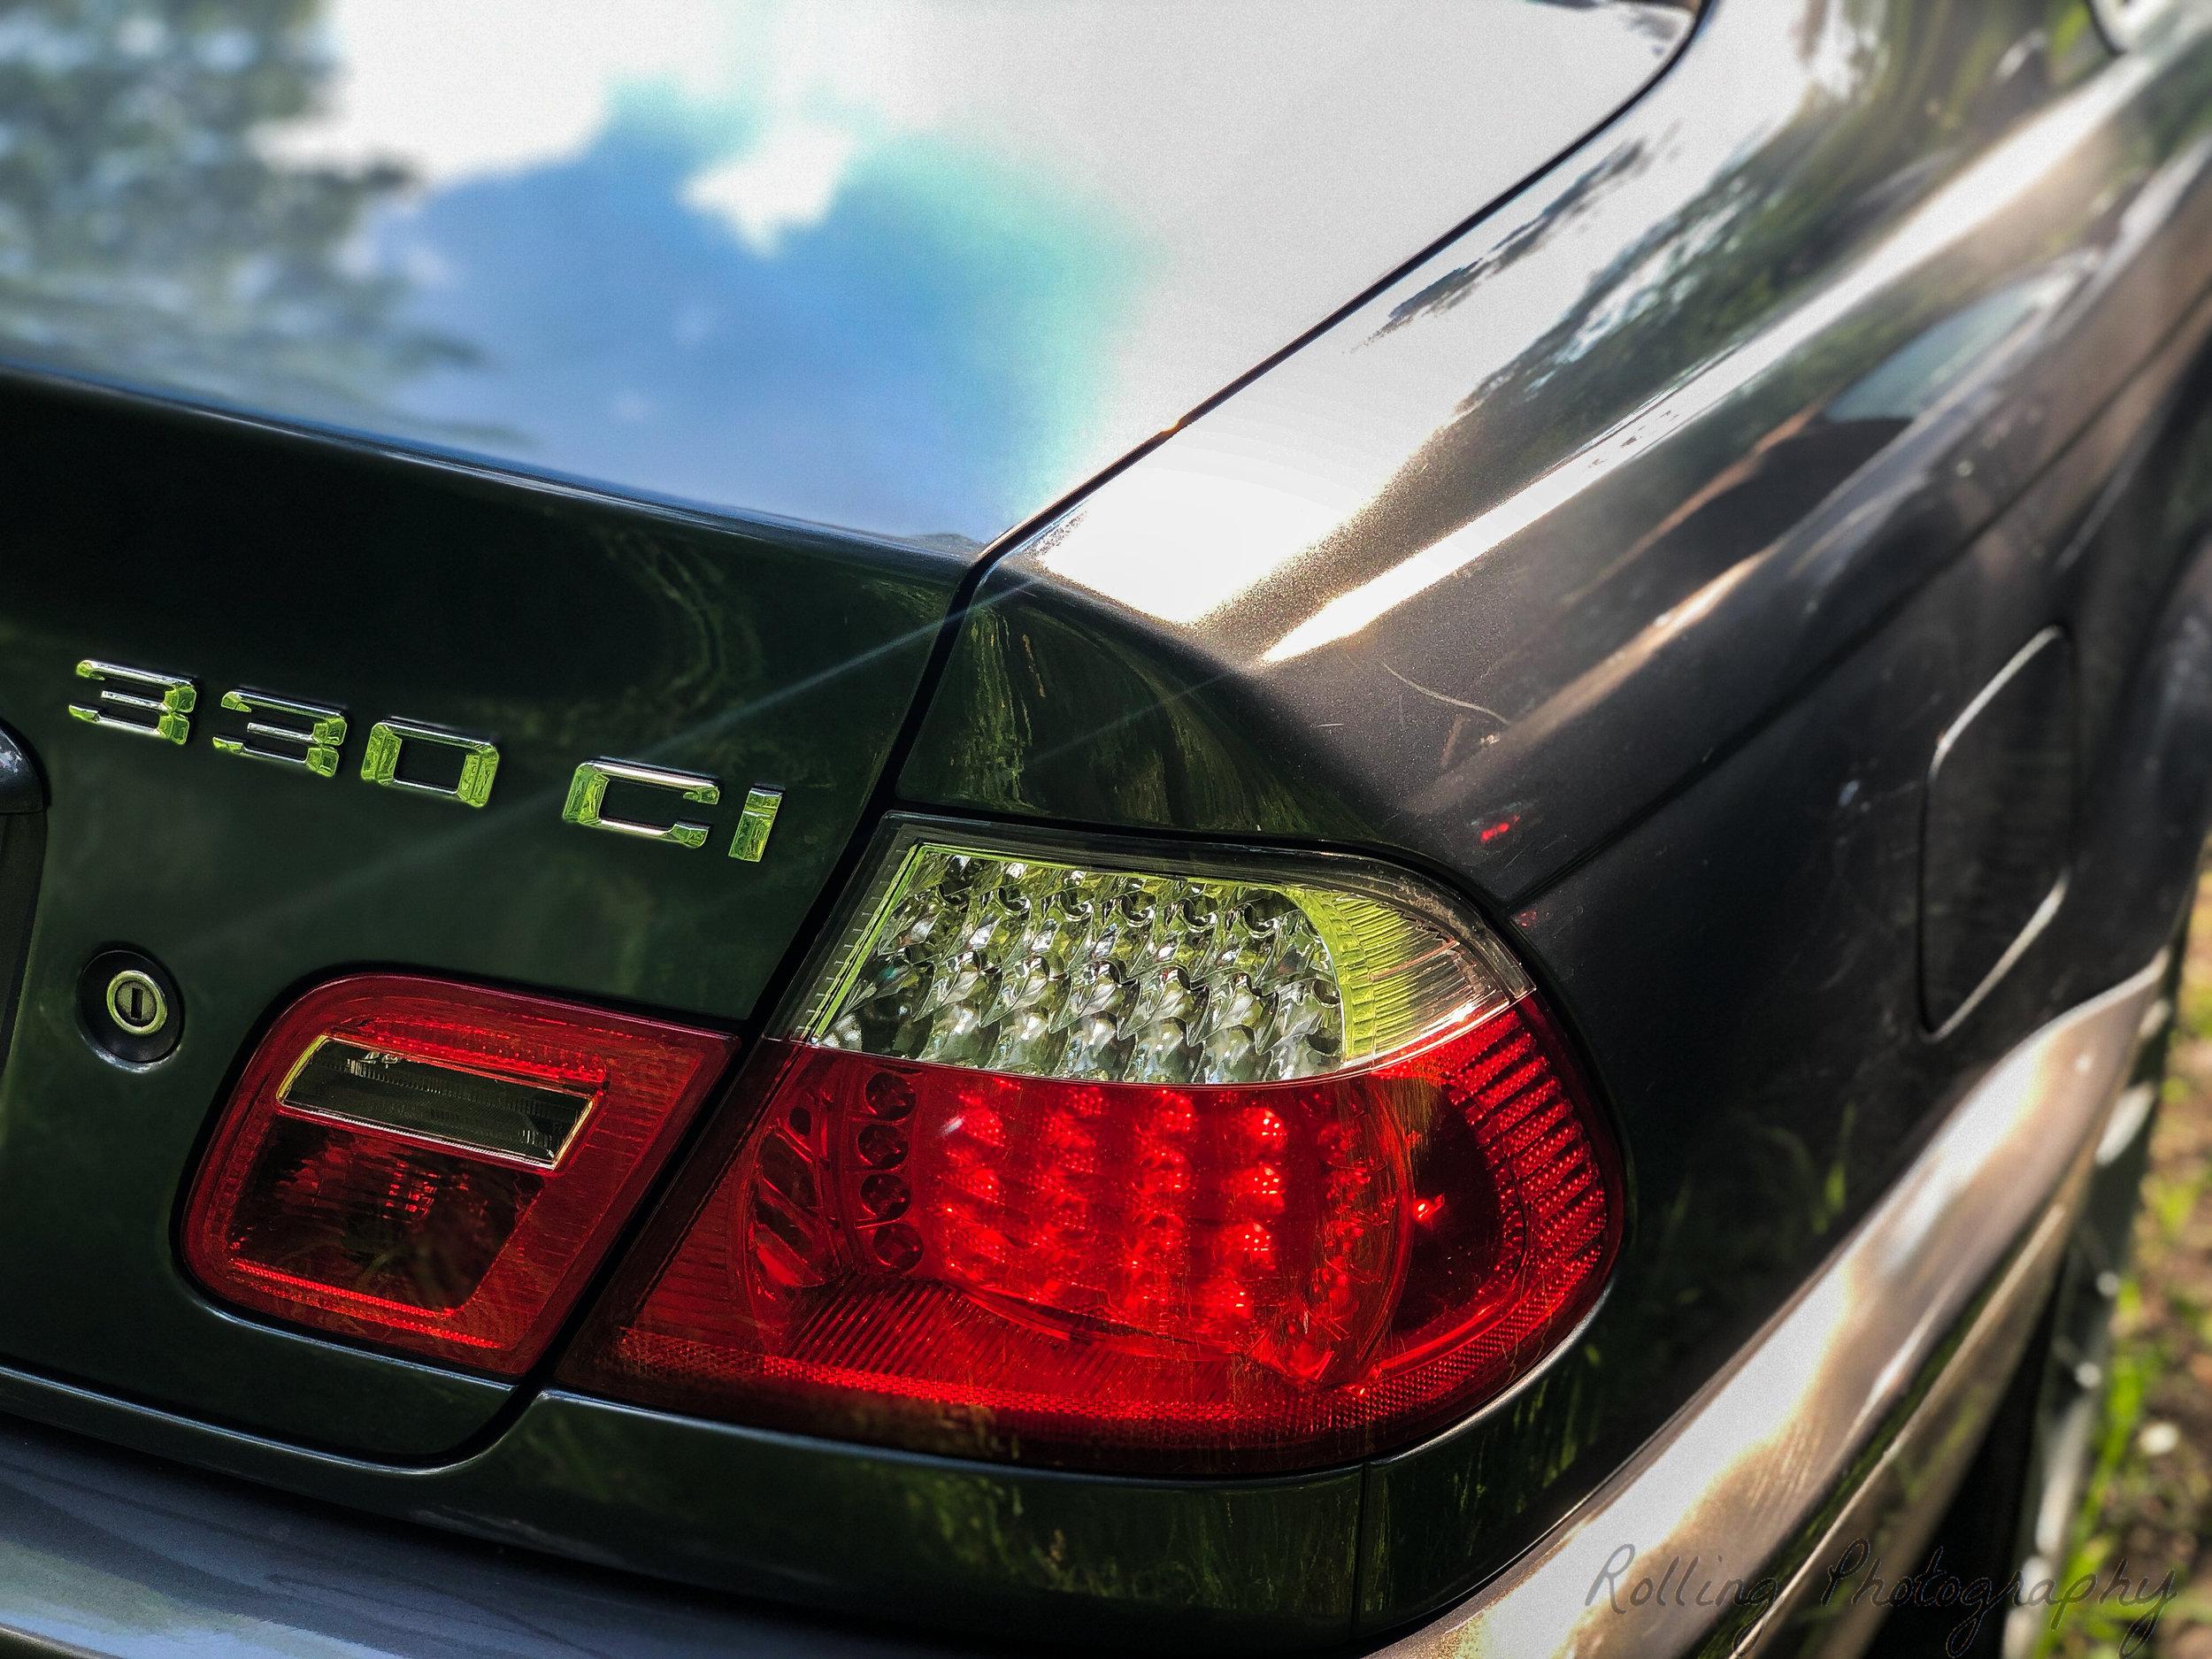 2001 BMW 330ci rear.jpg